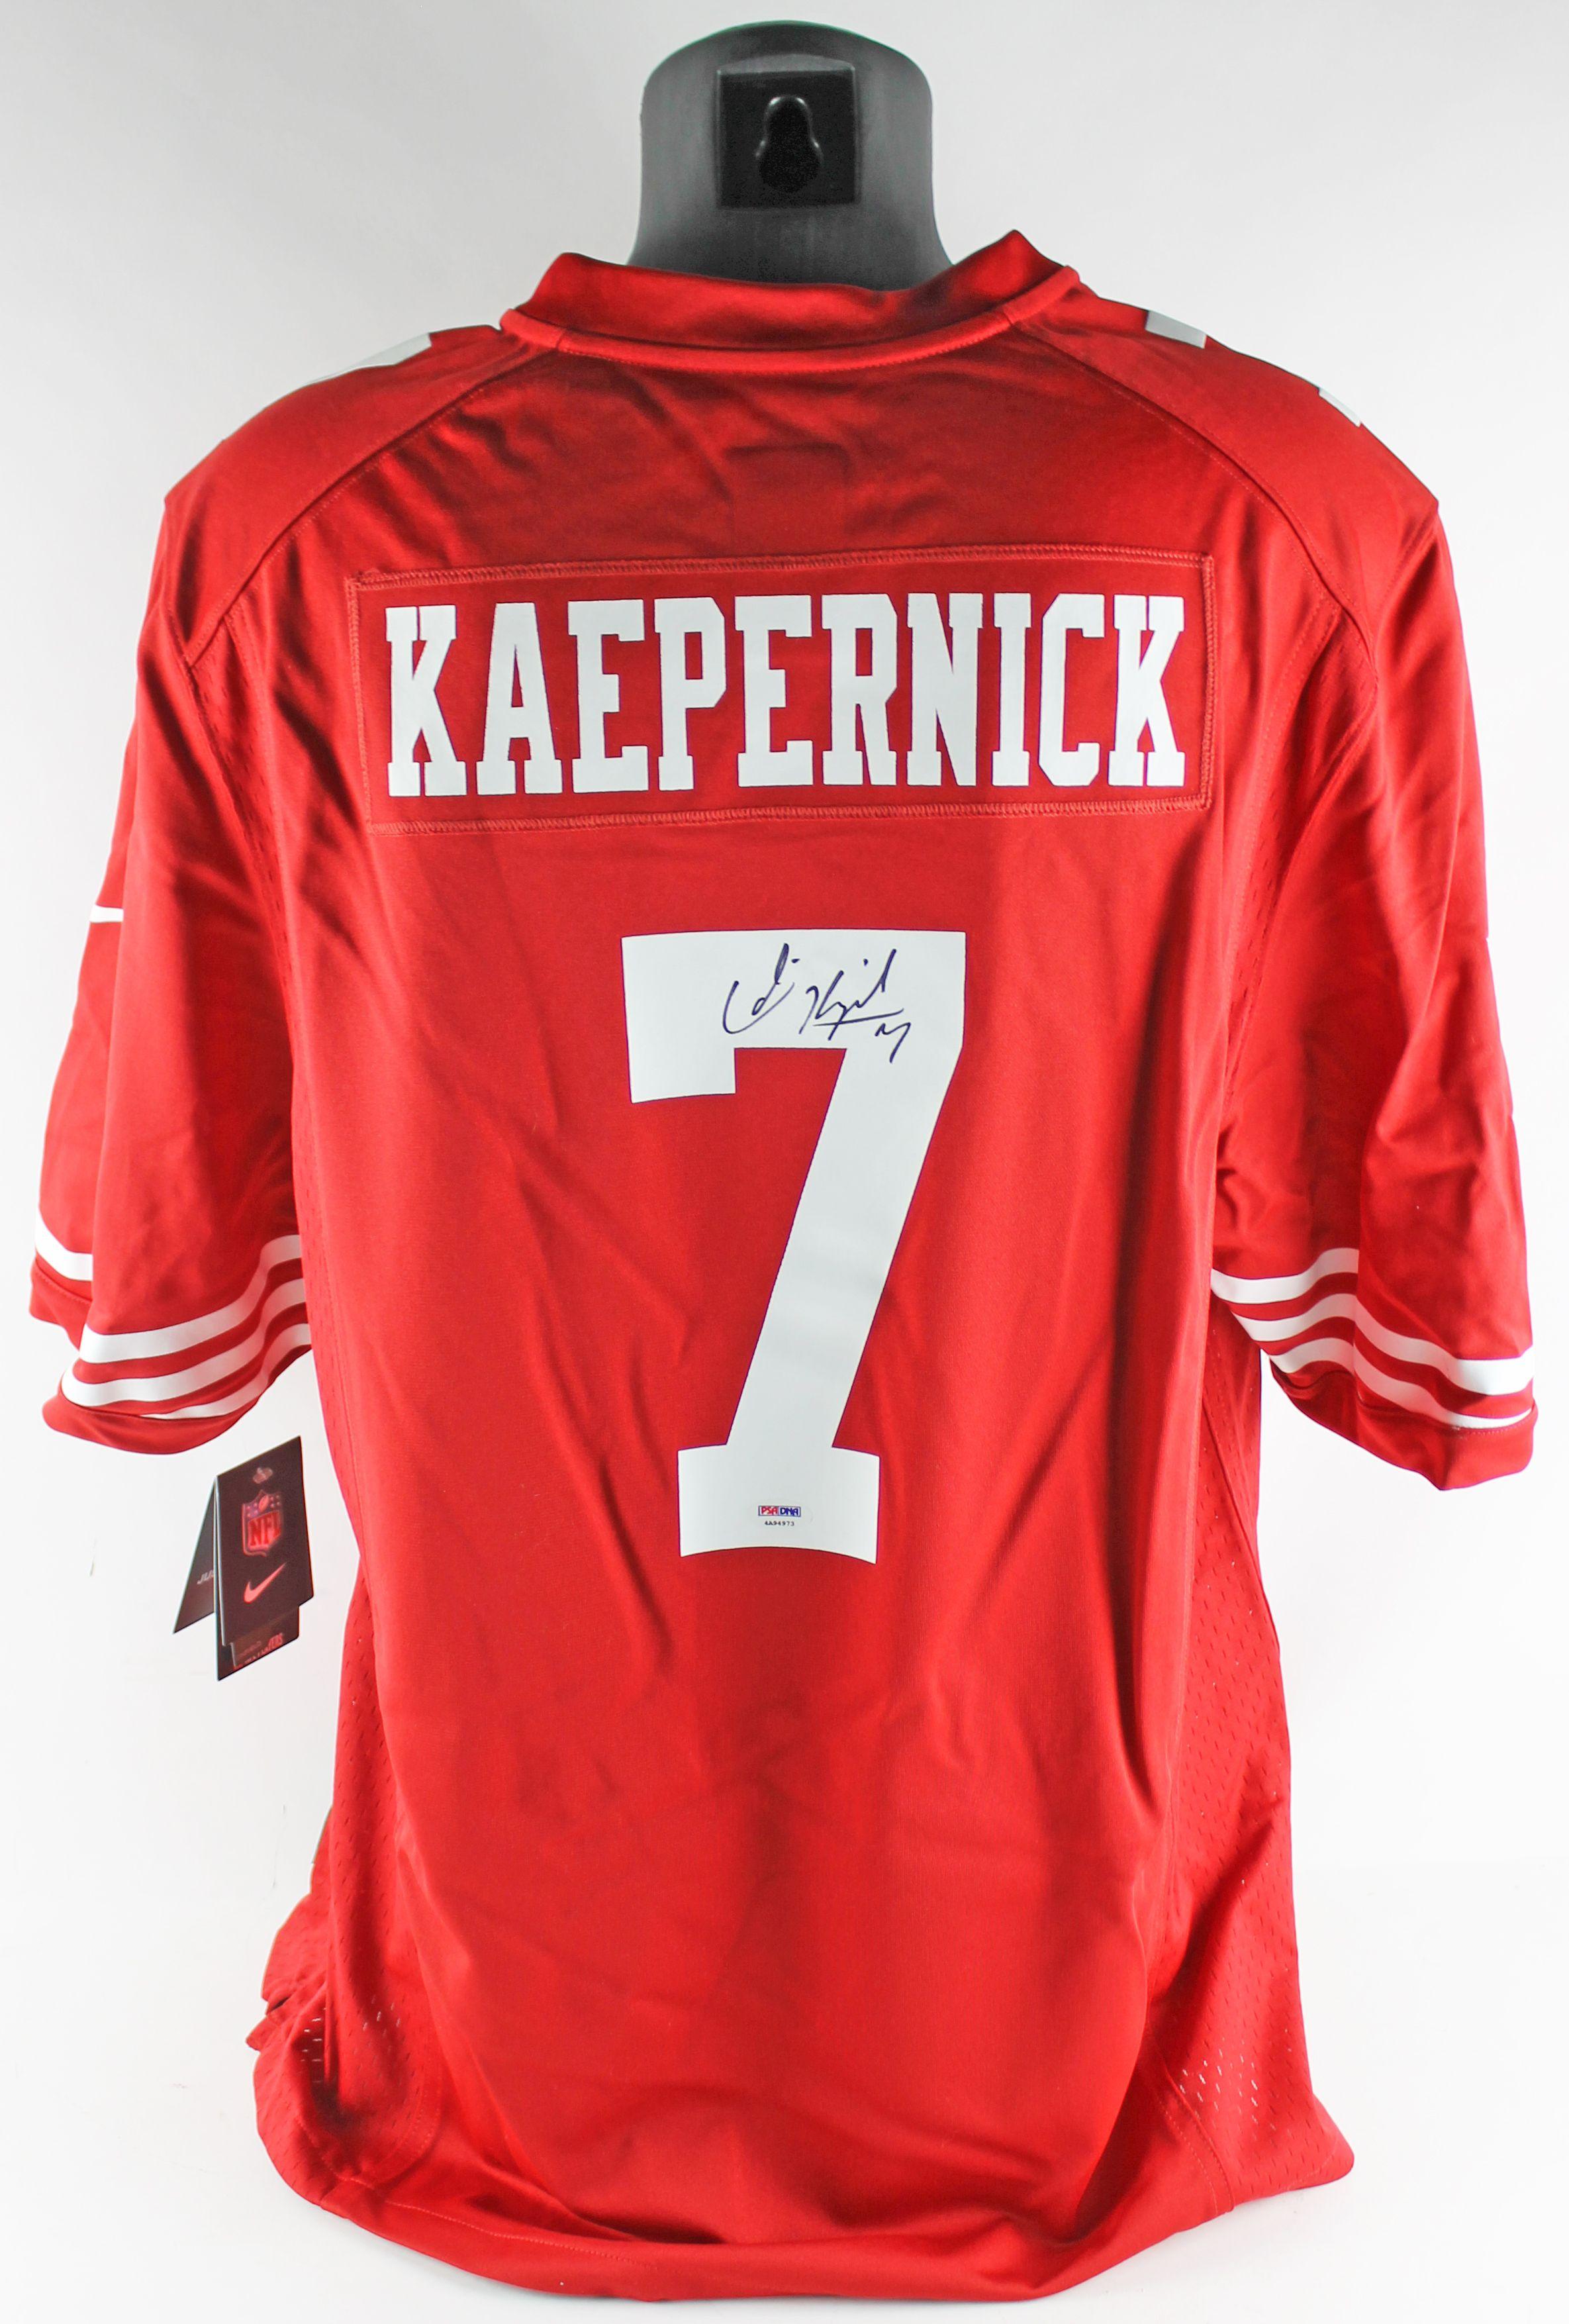 promo code 986e7 18e3b Lot Detail - SUPER BOWL XLVII: Colin Kaepernick Signed Nike ...